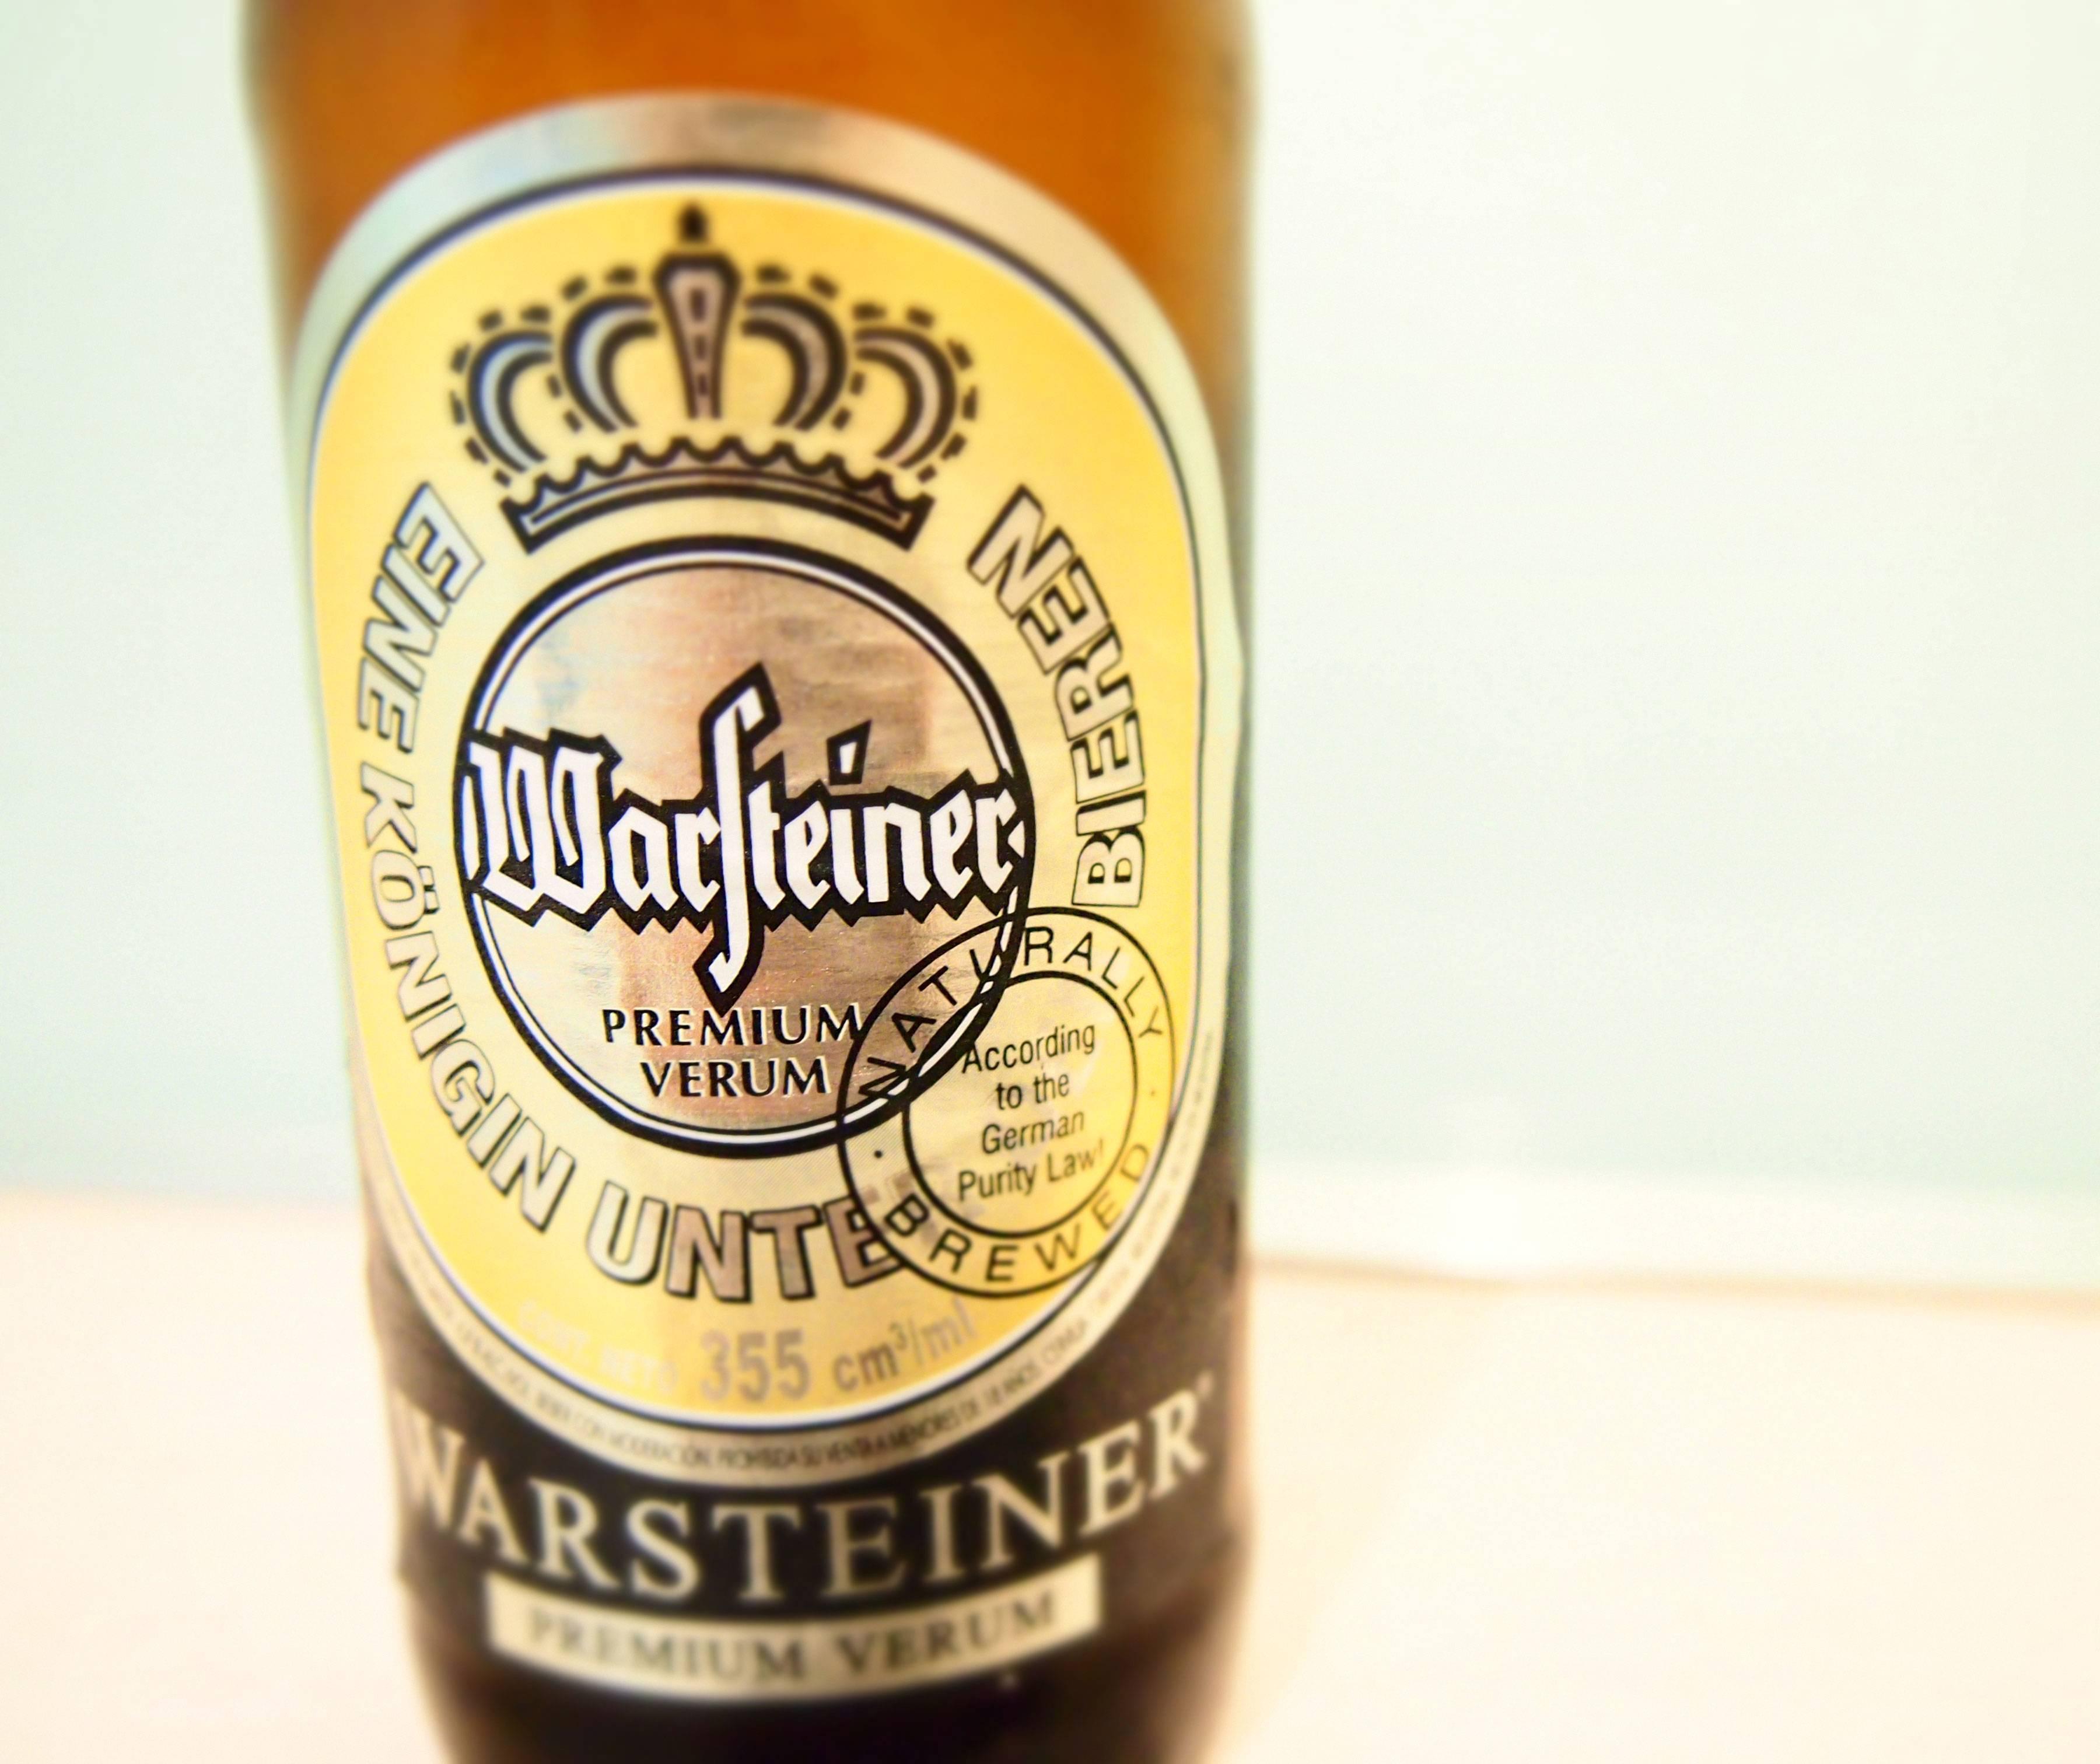 Warsteiner international